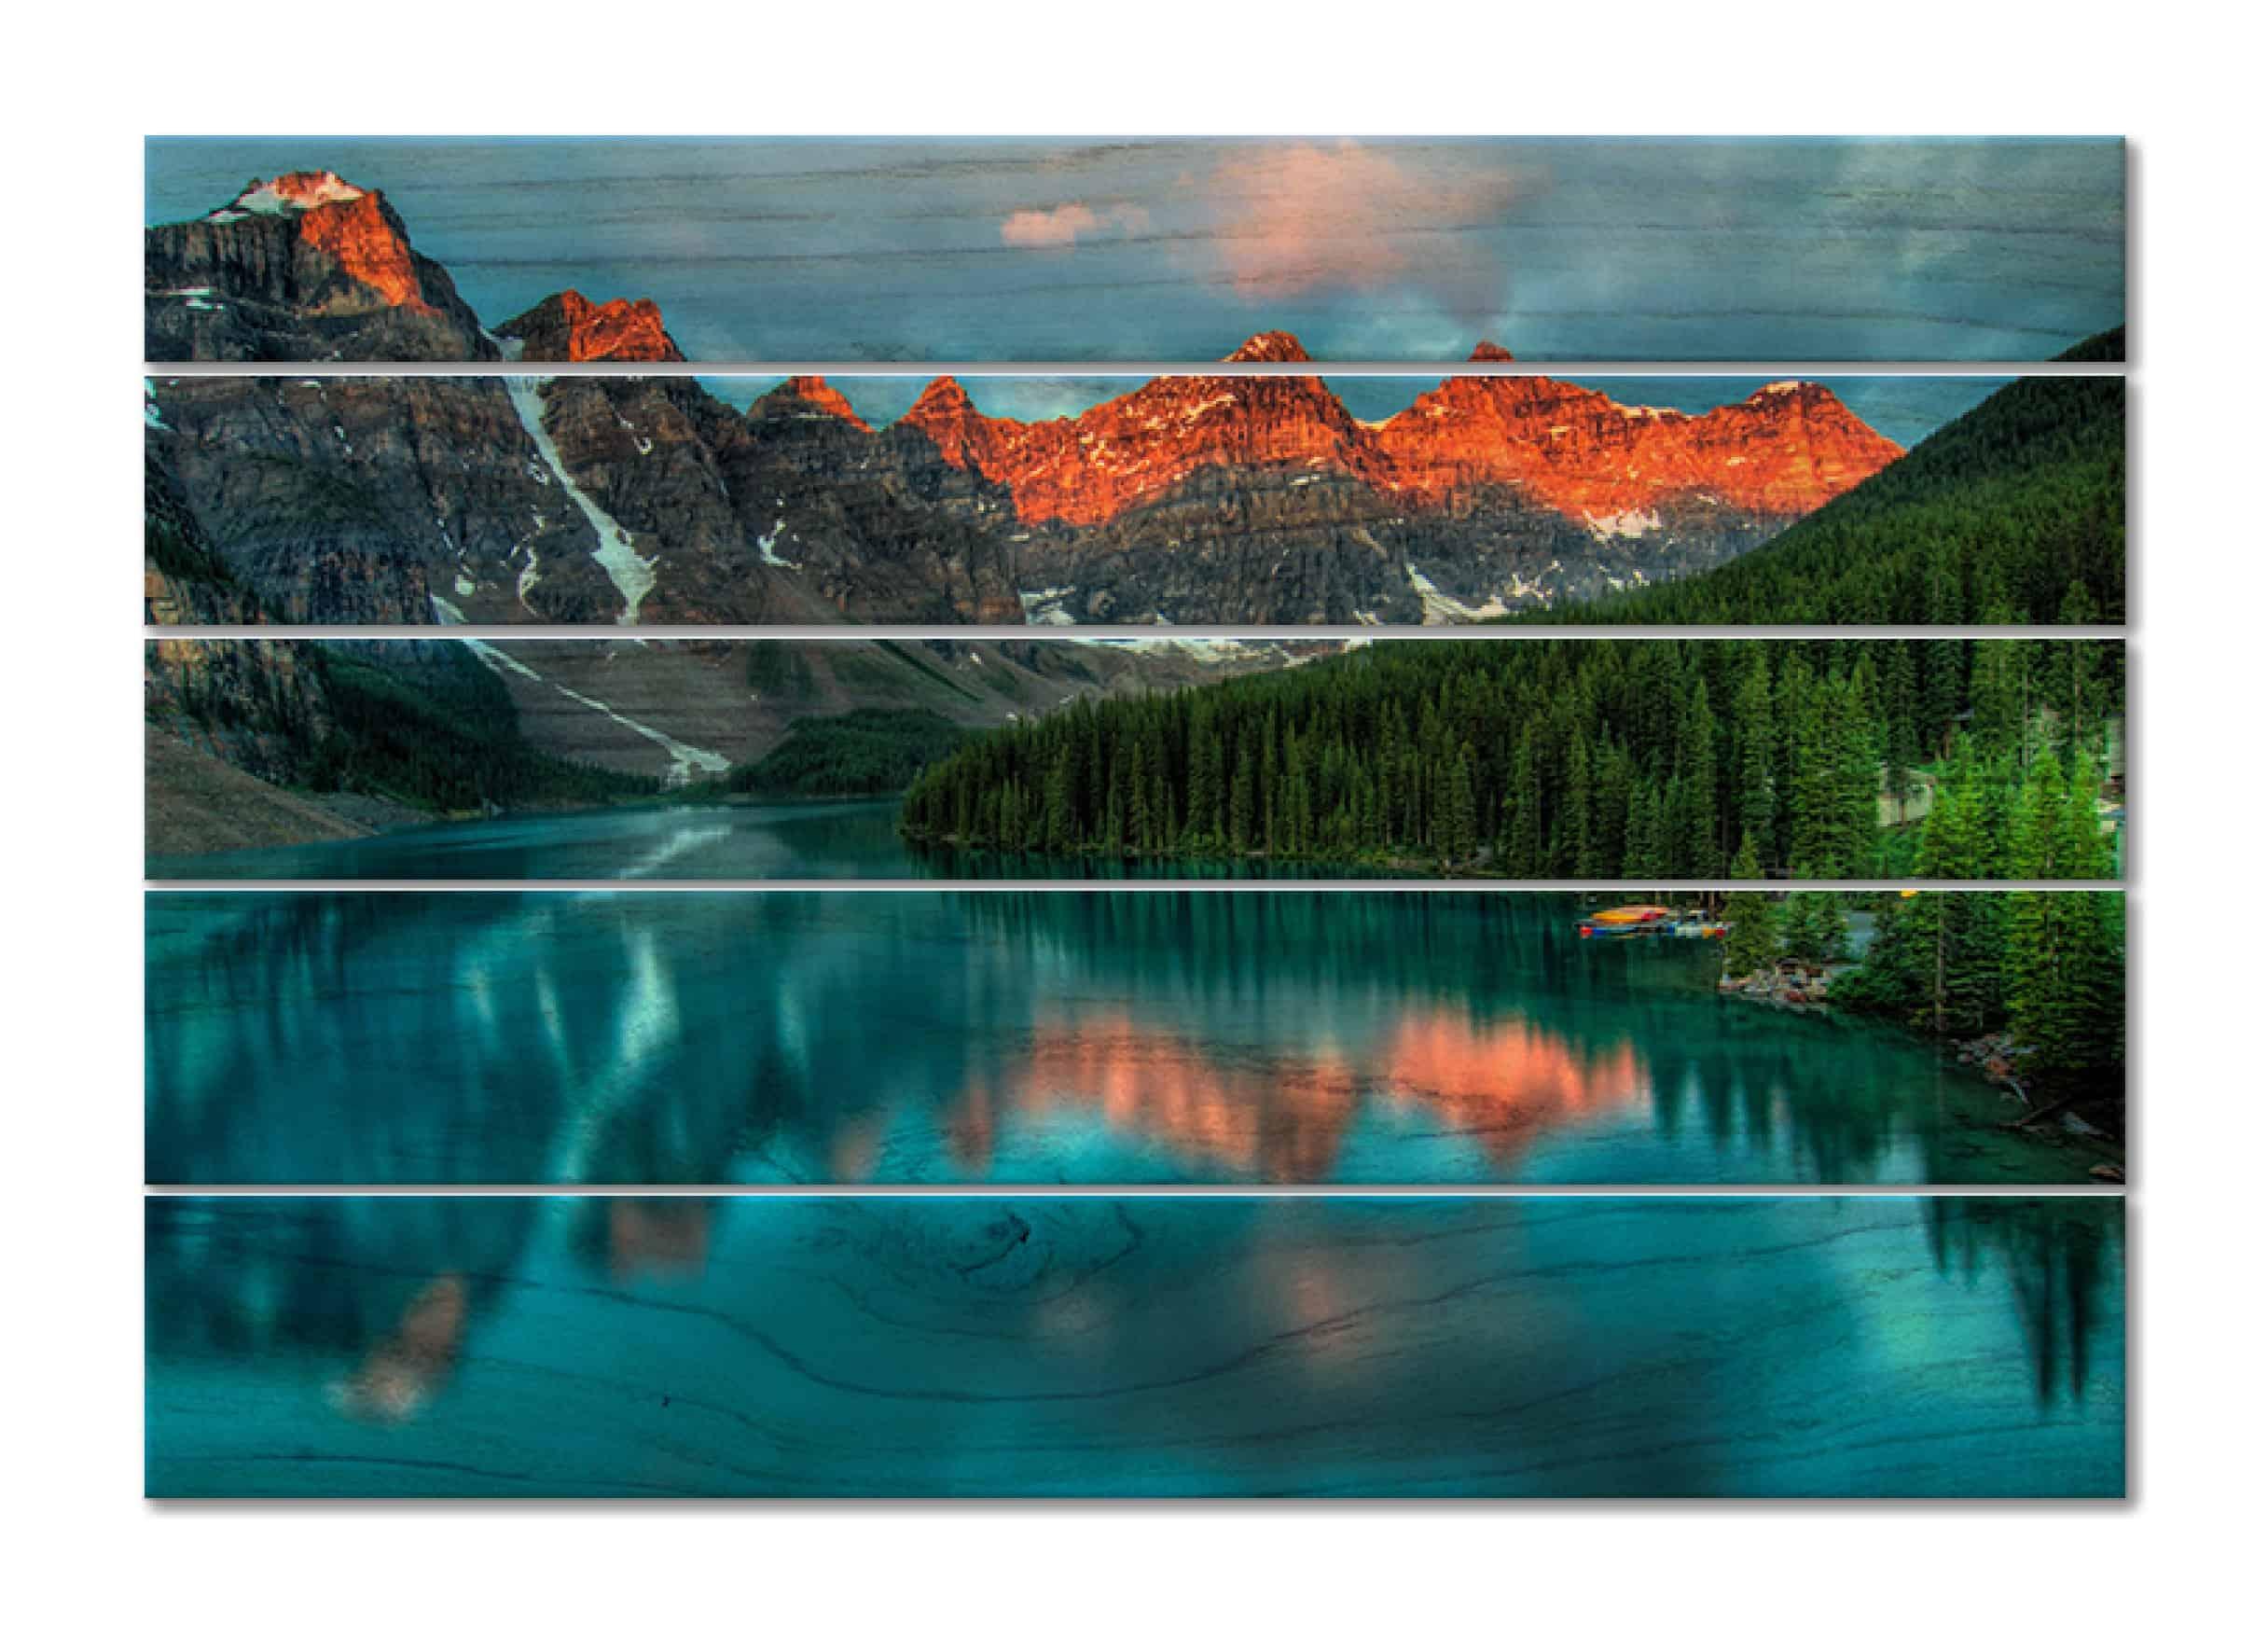 hochwertiges Kiefernholz aus nachhaltig bewirtschafteten Wäldern wird mit deinem Bild bedruckt.